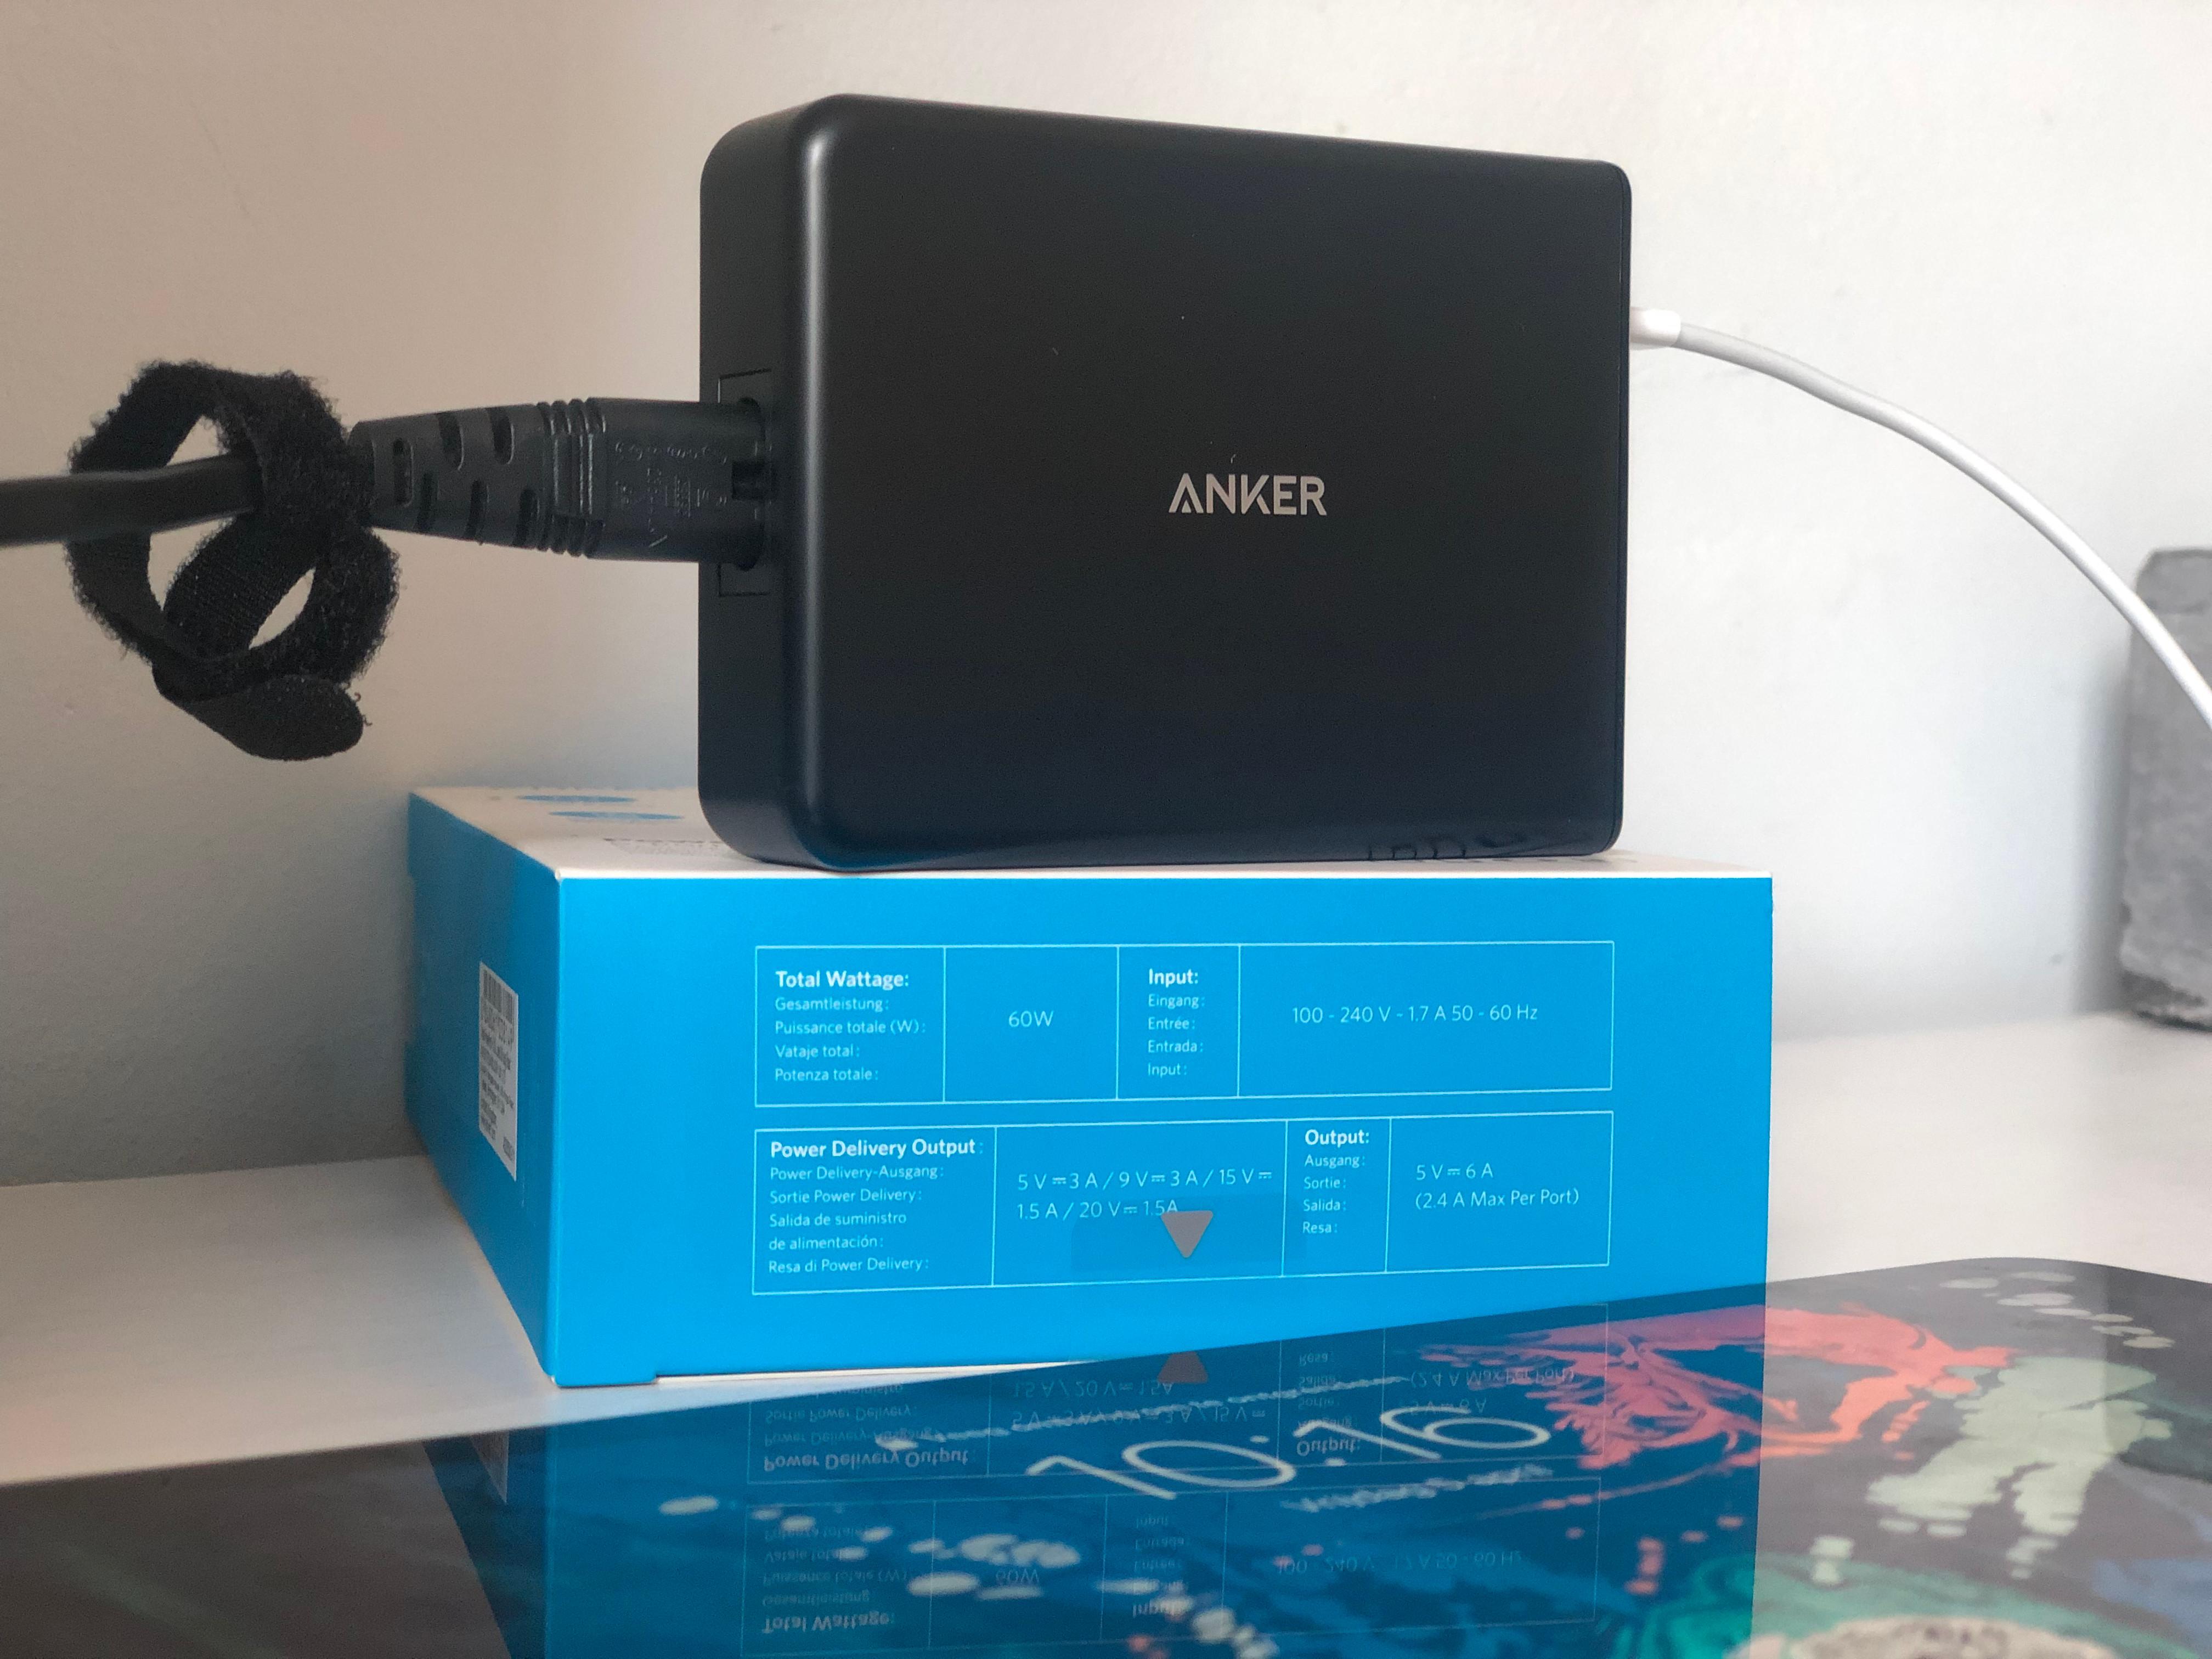 Anker PowerPort+5 met 5 usb poorten en Power Delivery